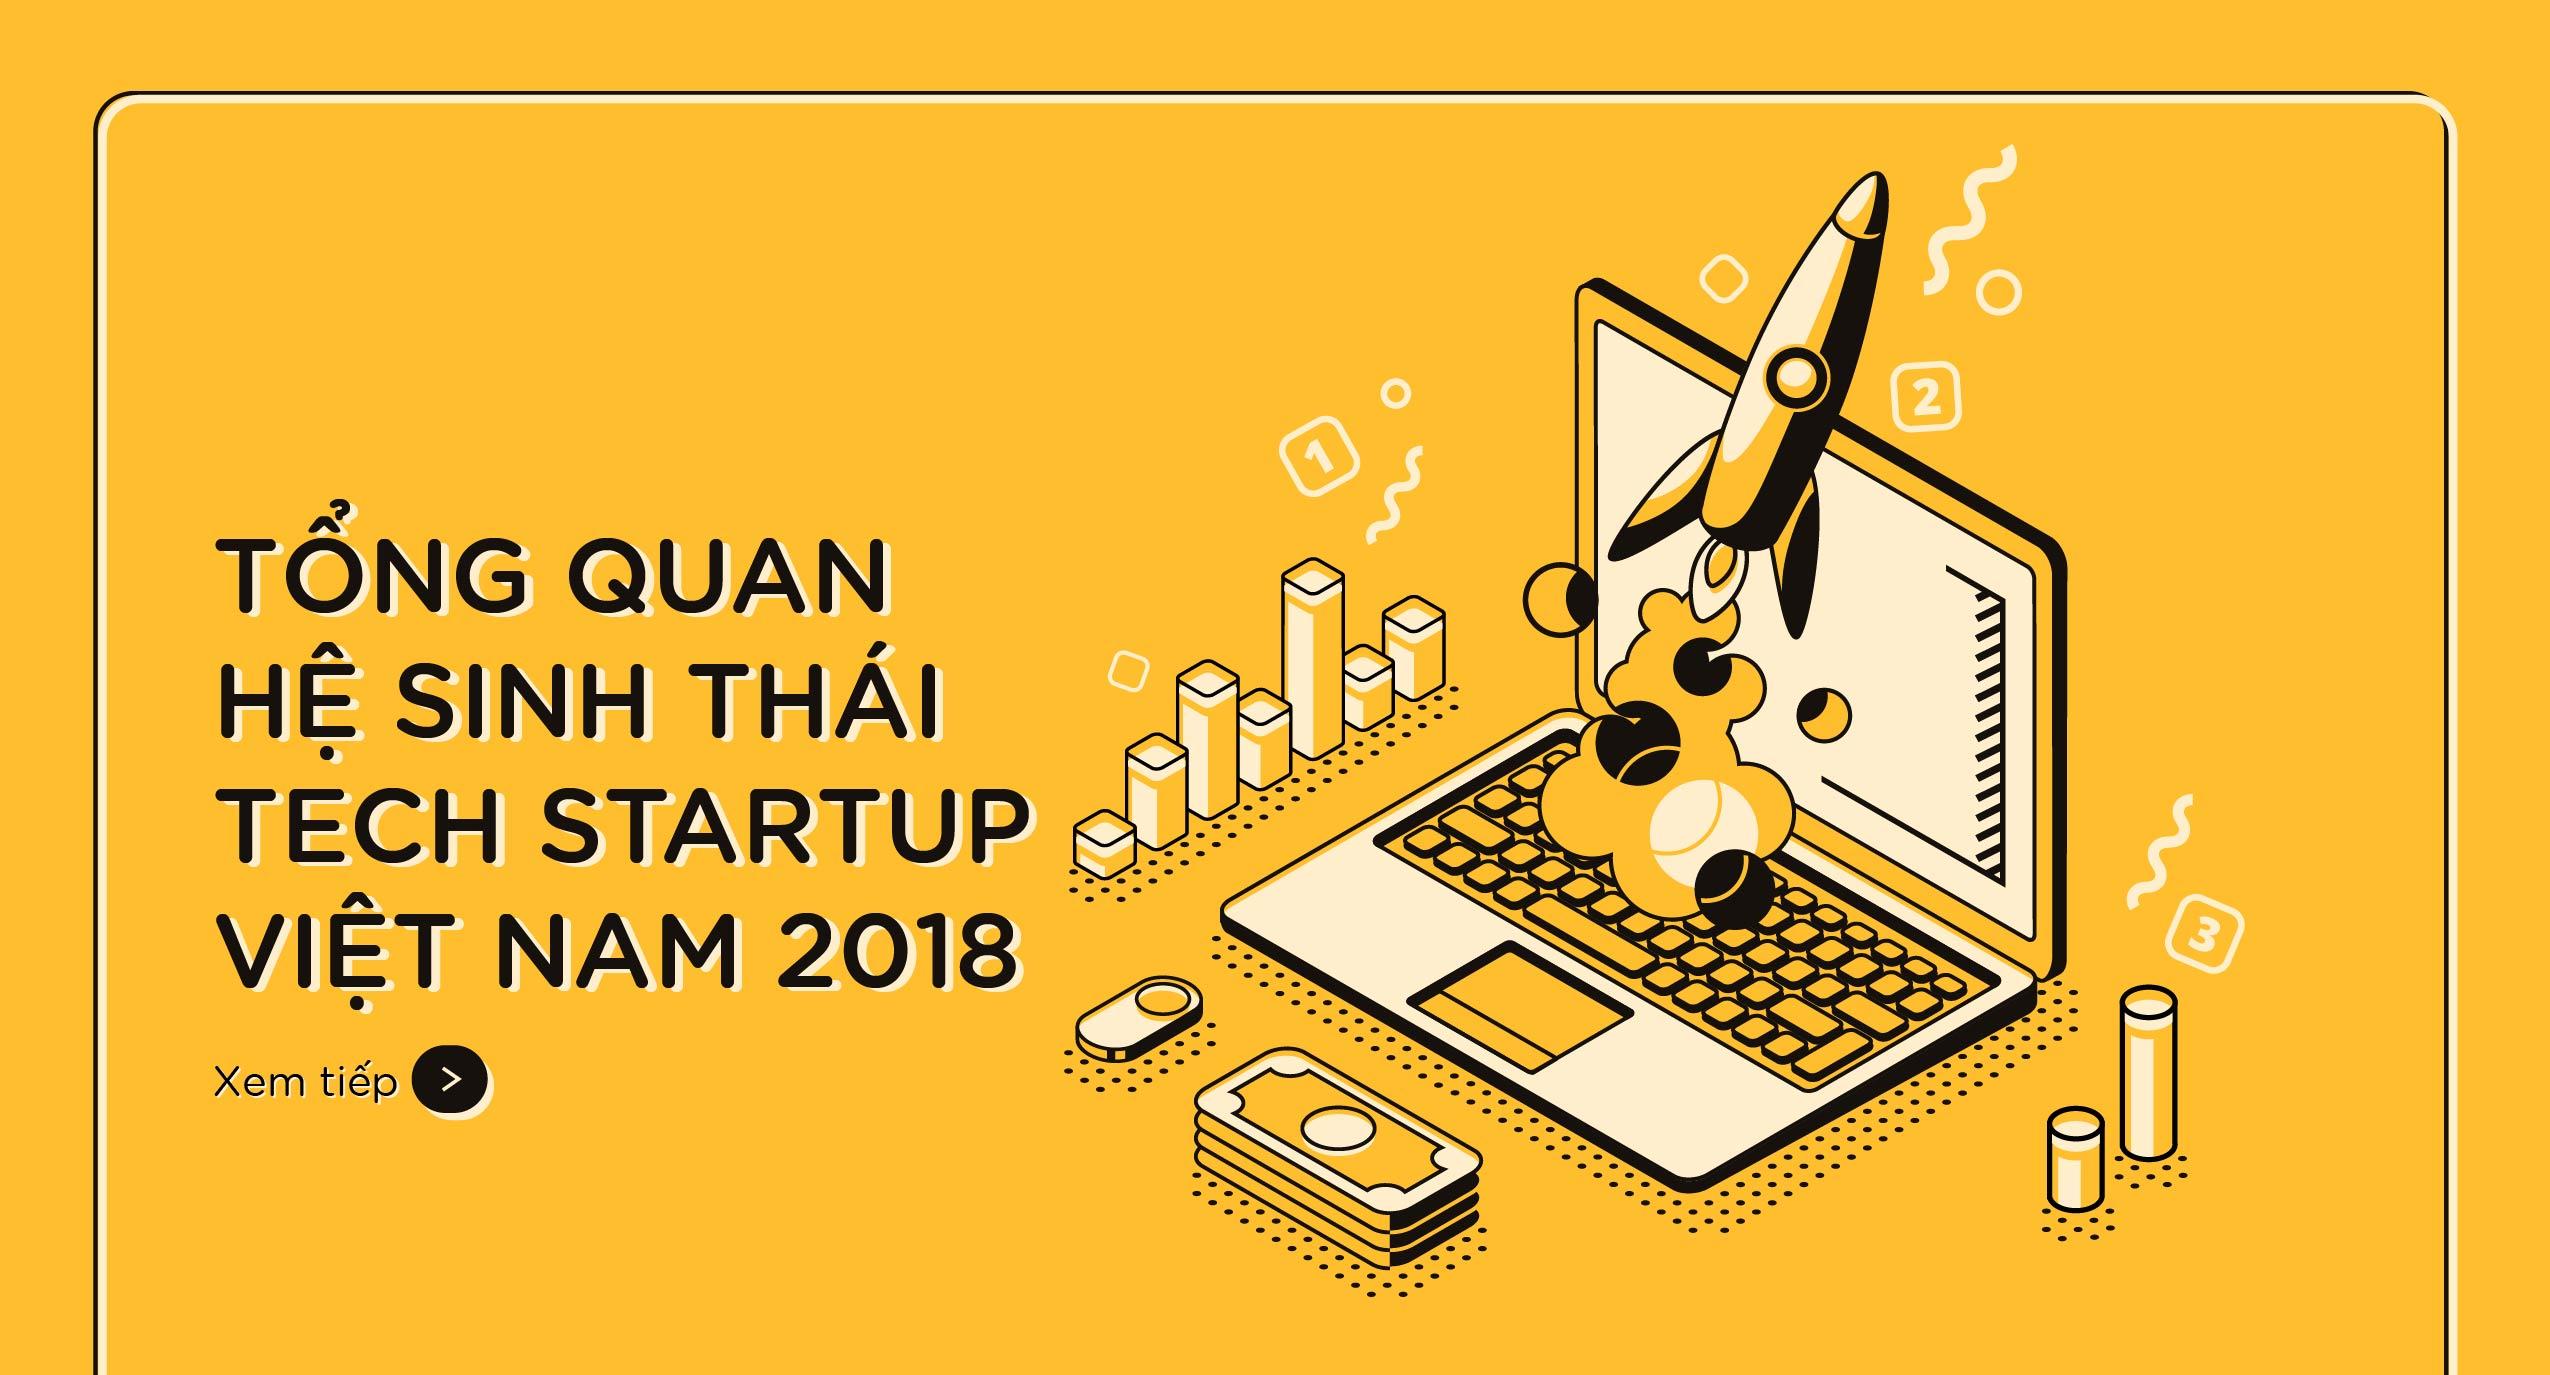 Tổng quan Hệ sinh thái Tech Startup Việt Nam 2018